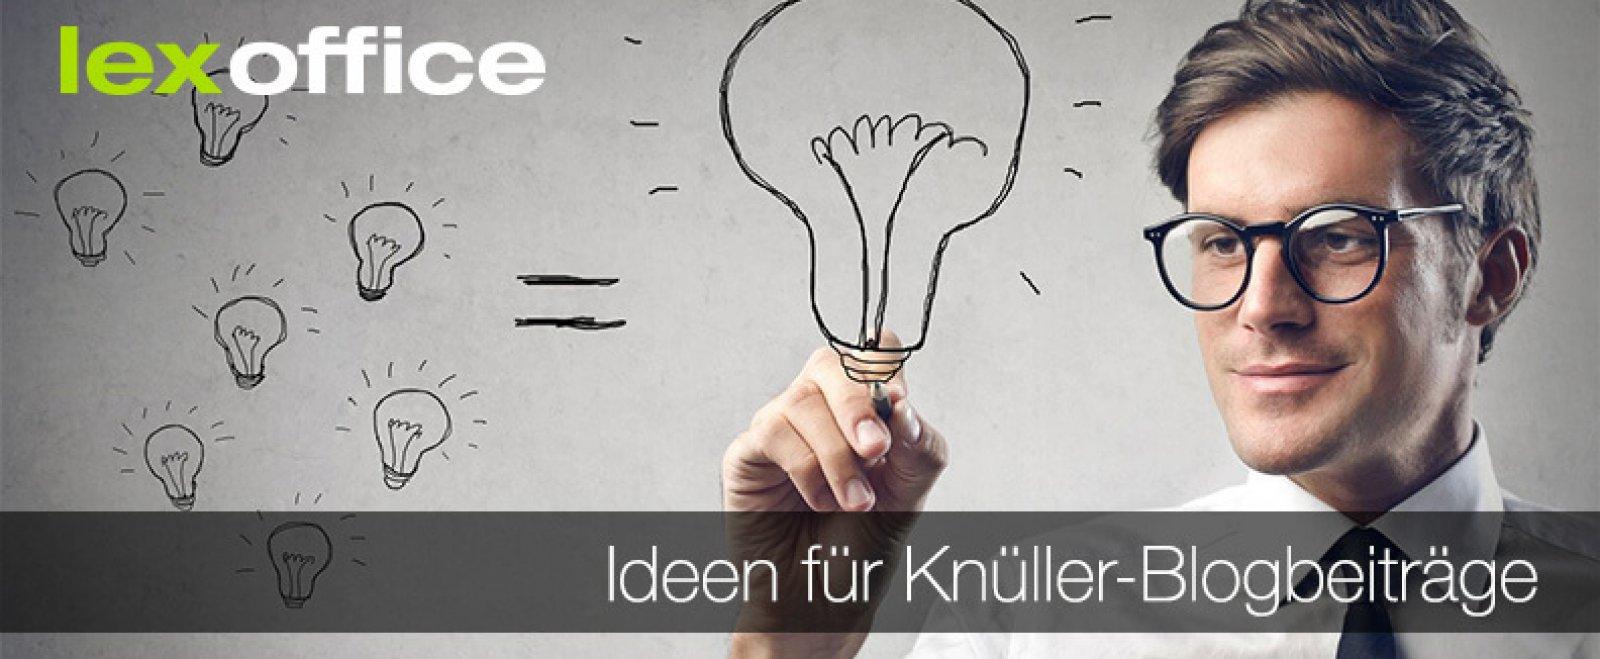 Online-Marketing: Ideen für Knüller-Blogbeiträge